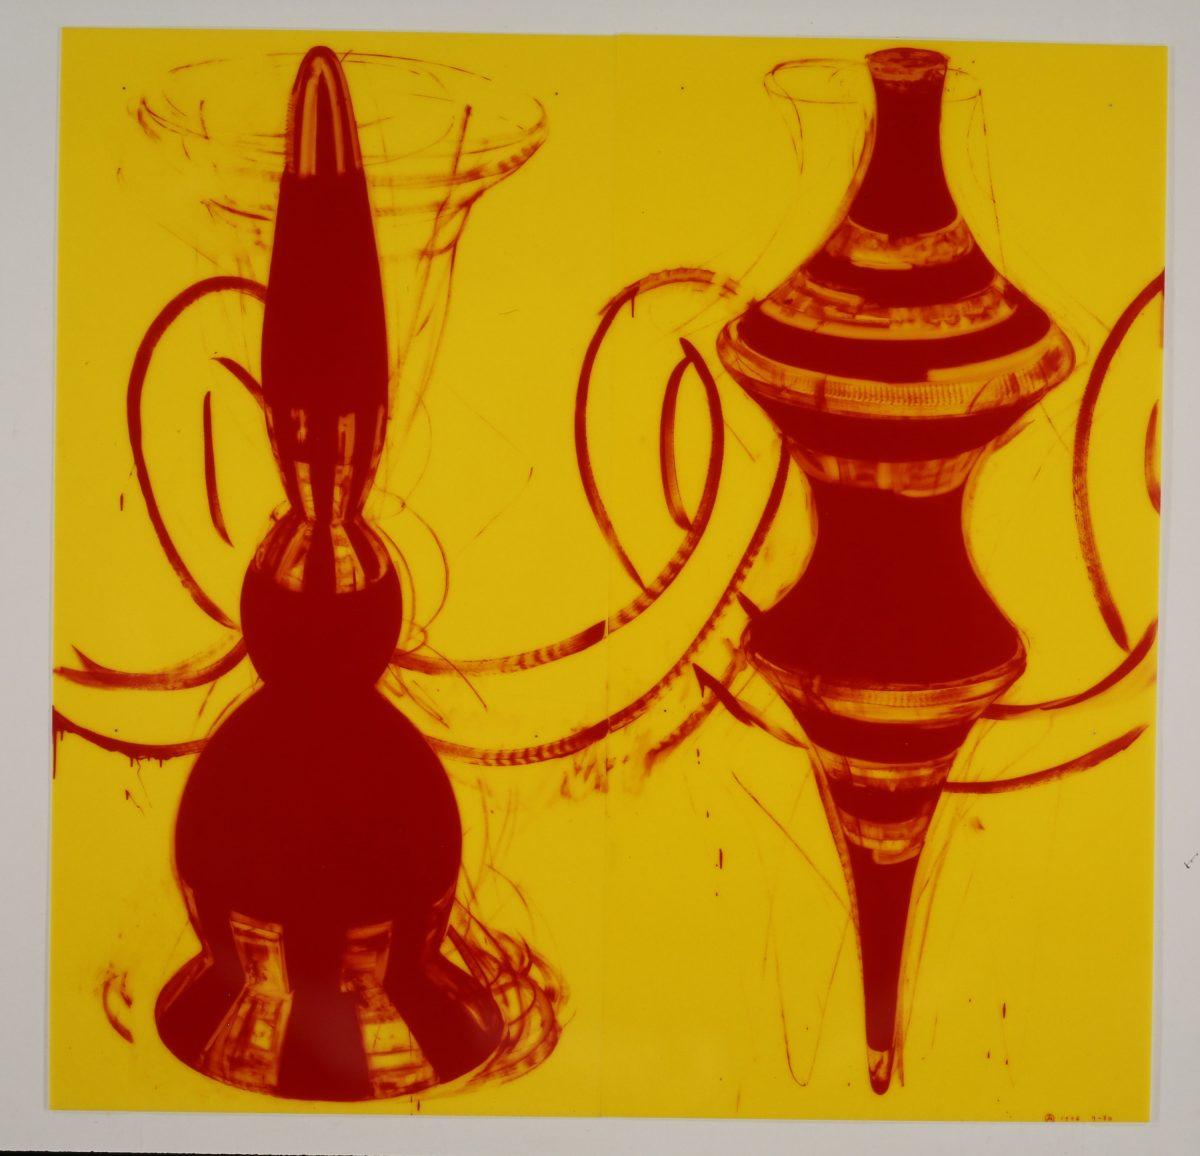 りー70|1996年, 工業用インク、アクリル板, 200×200㎝